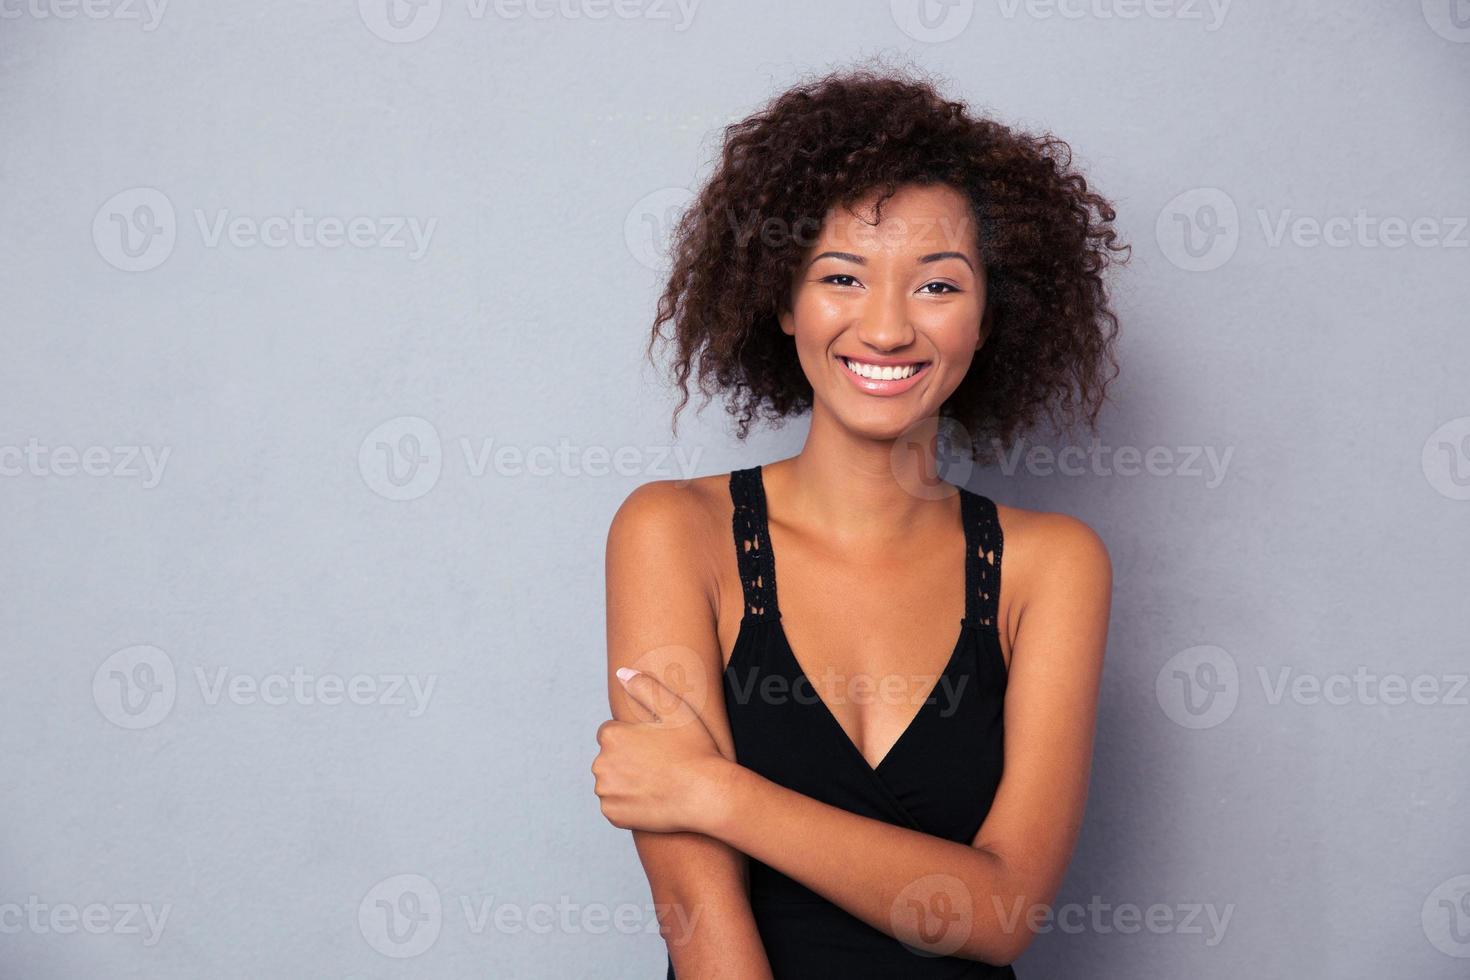 portret van een gelukkig zwarte Afrikaanse vrouw foto